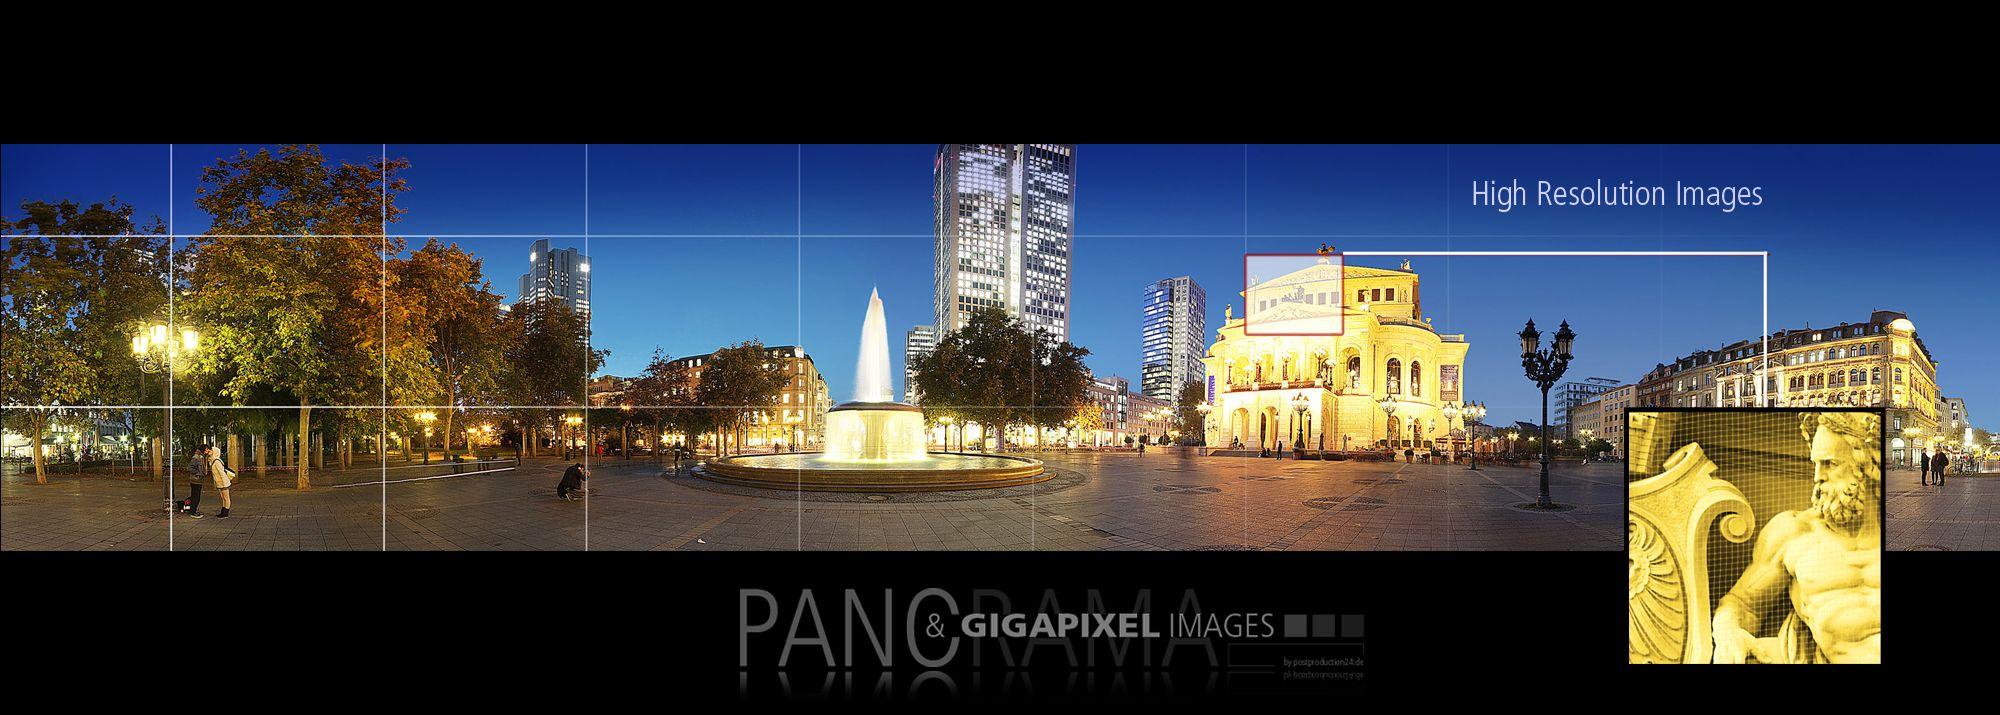 © 2013 photography & digiarts by michael böttcher | all rights reserved |     Image: Gigapixel-Fotografie aus zeilen-/spaltenweise gemachte Aufnahmen, die im Anschluss zu einem übergroßen Format zusammengerechnet werden.